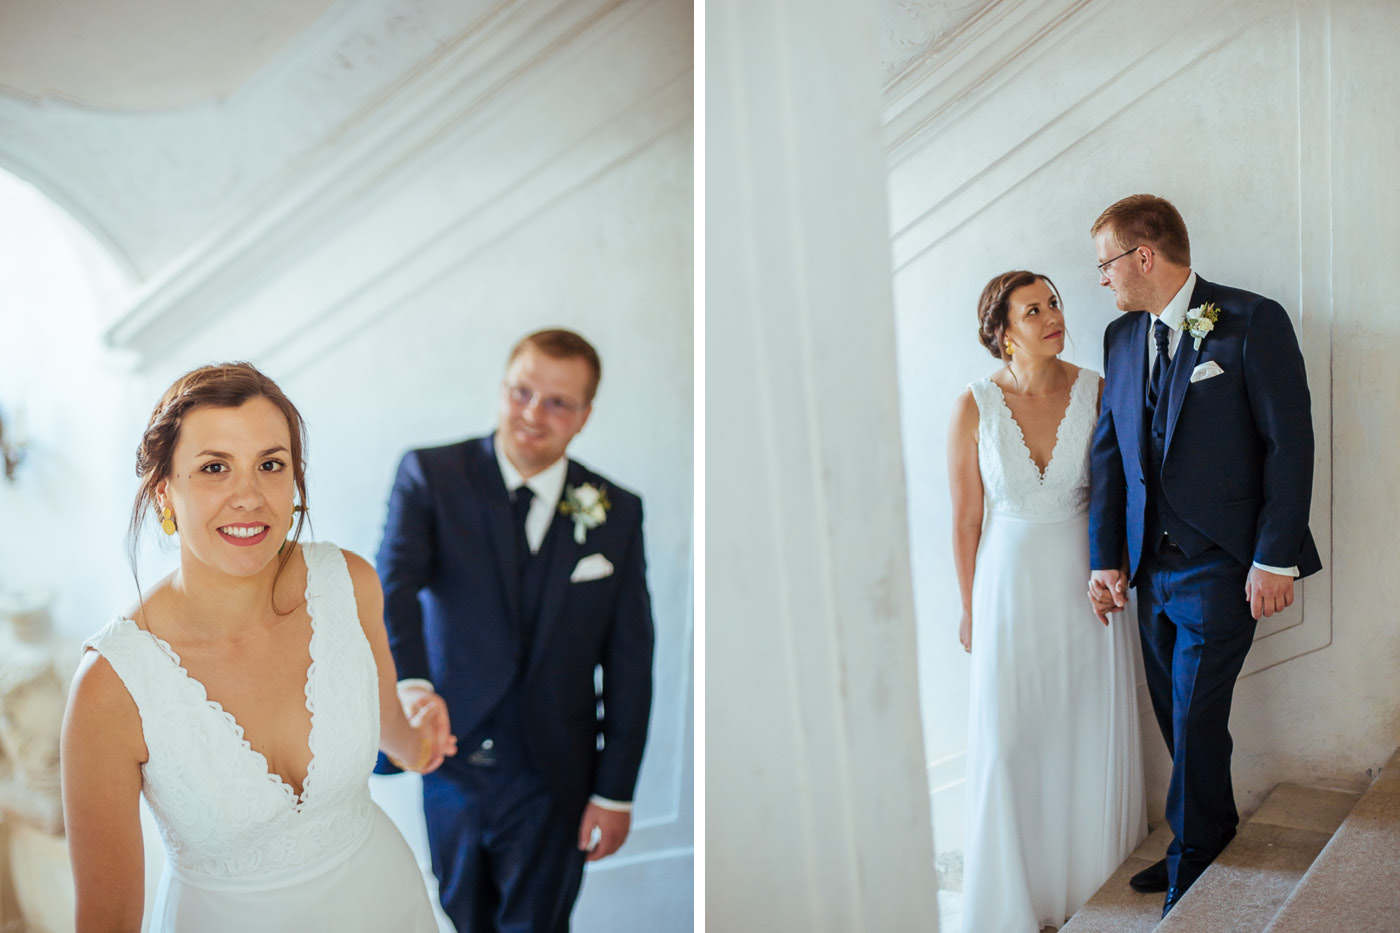 Schloss-Stetteldorf-Hochzeit-Fotografie-16